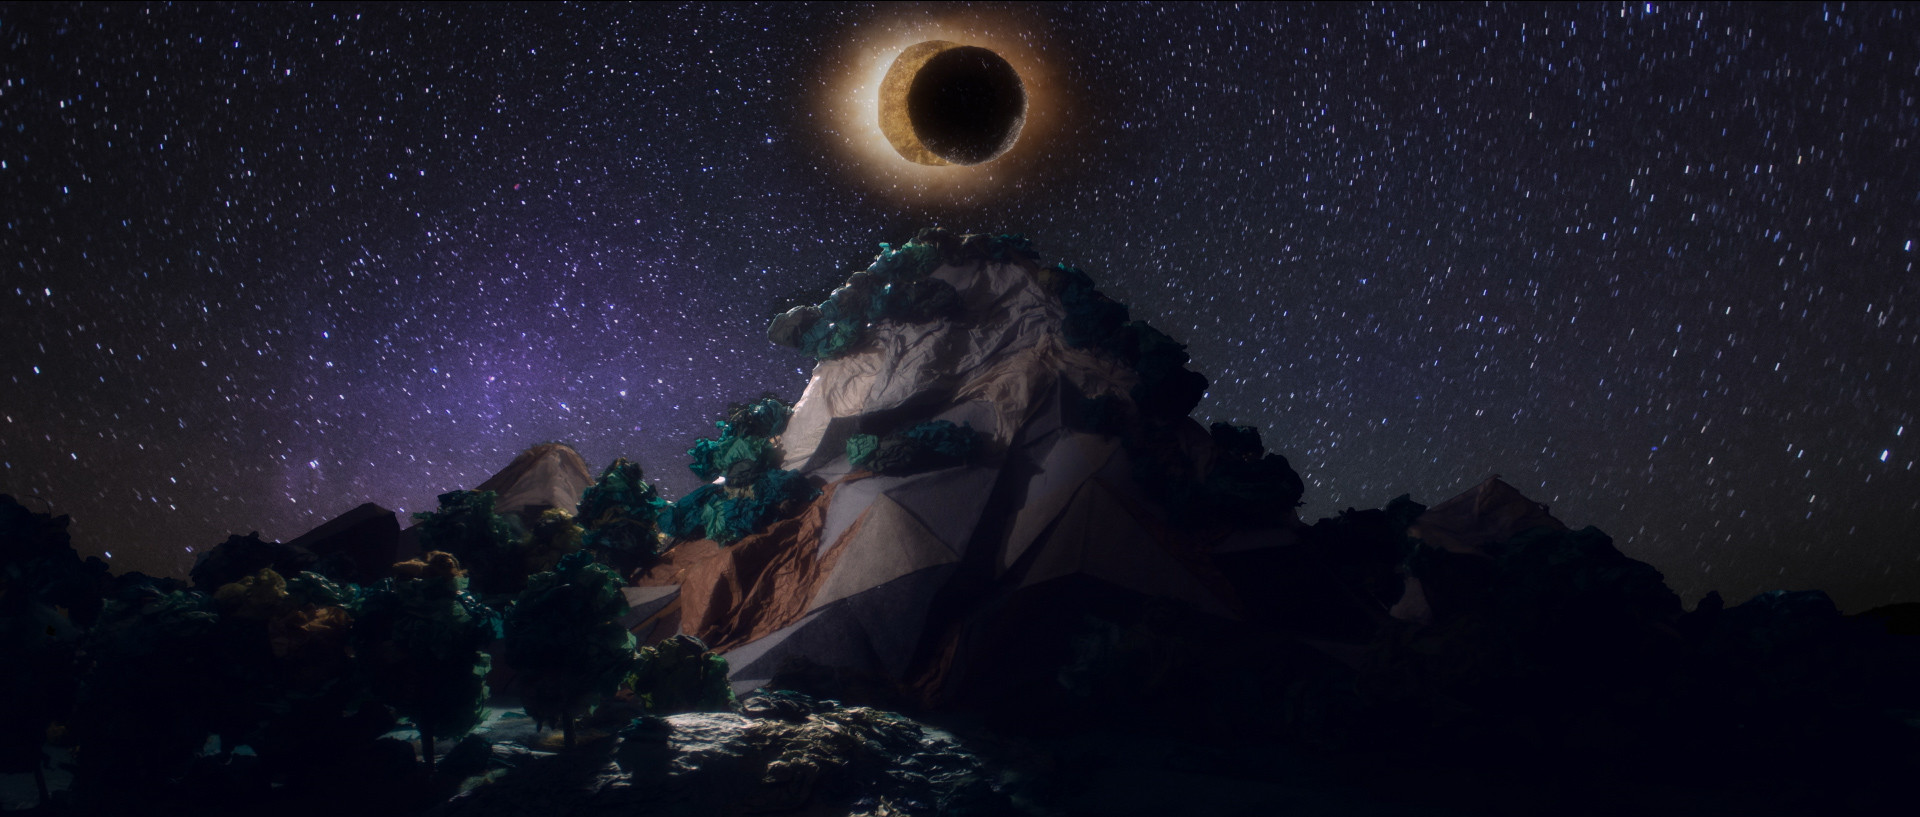 Jerrold_Chong_-_Eclipse_-_Still005.jpg